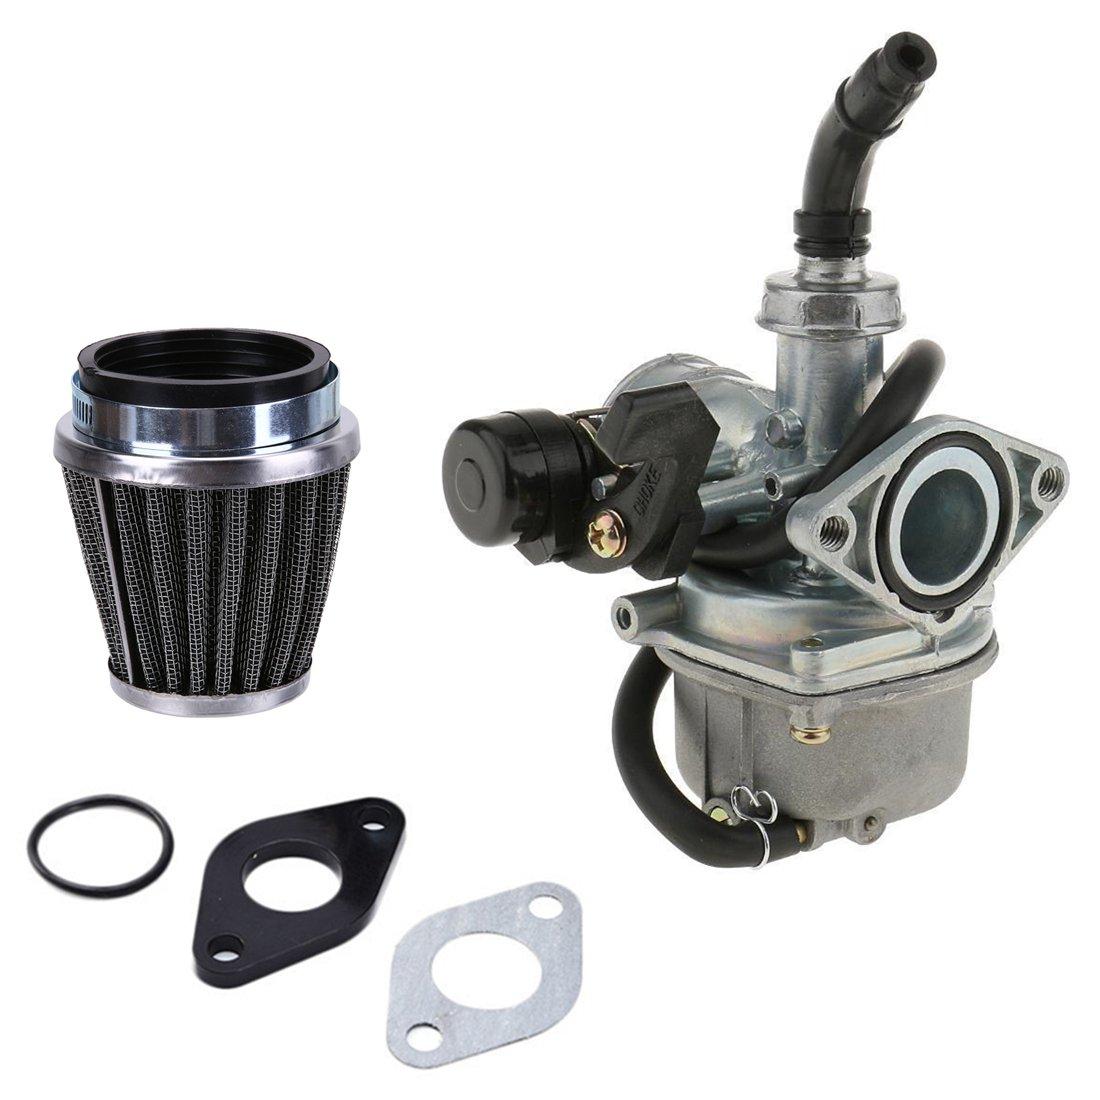 PZ19 19mm ATV Carburetor Carb with 35mm Air Filter Intake Gaskets for 50cc 70cc 80cc 90cc 110cc 125cc ATV Dirt Pit Bike Go Kart Pocket Bike Taotao Honda CRF AnTo